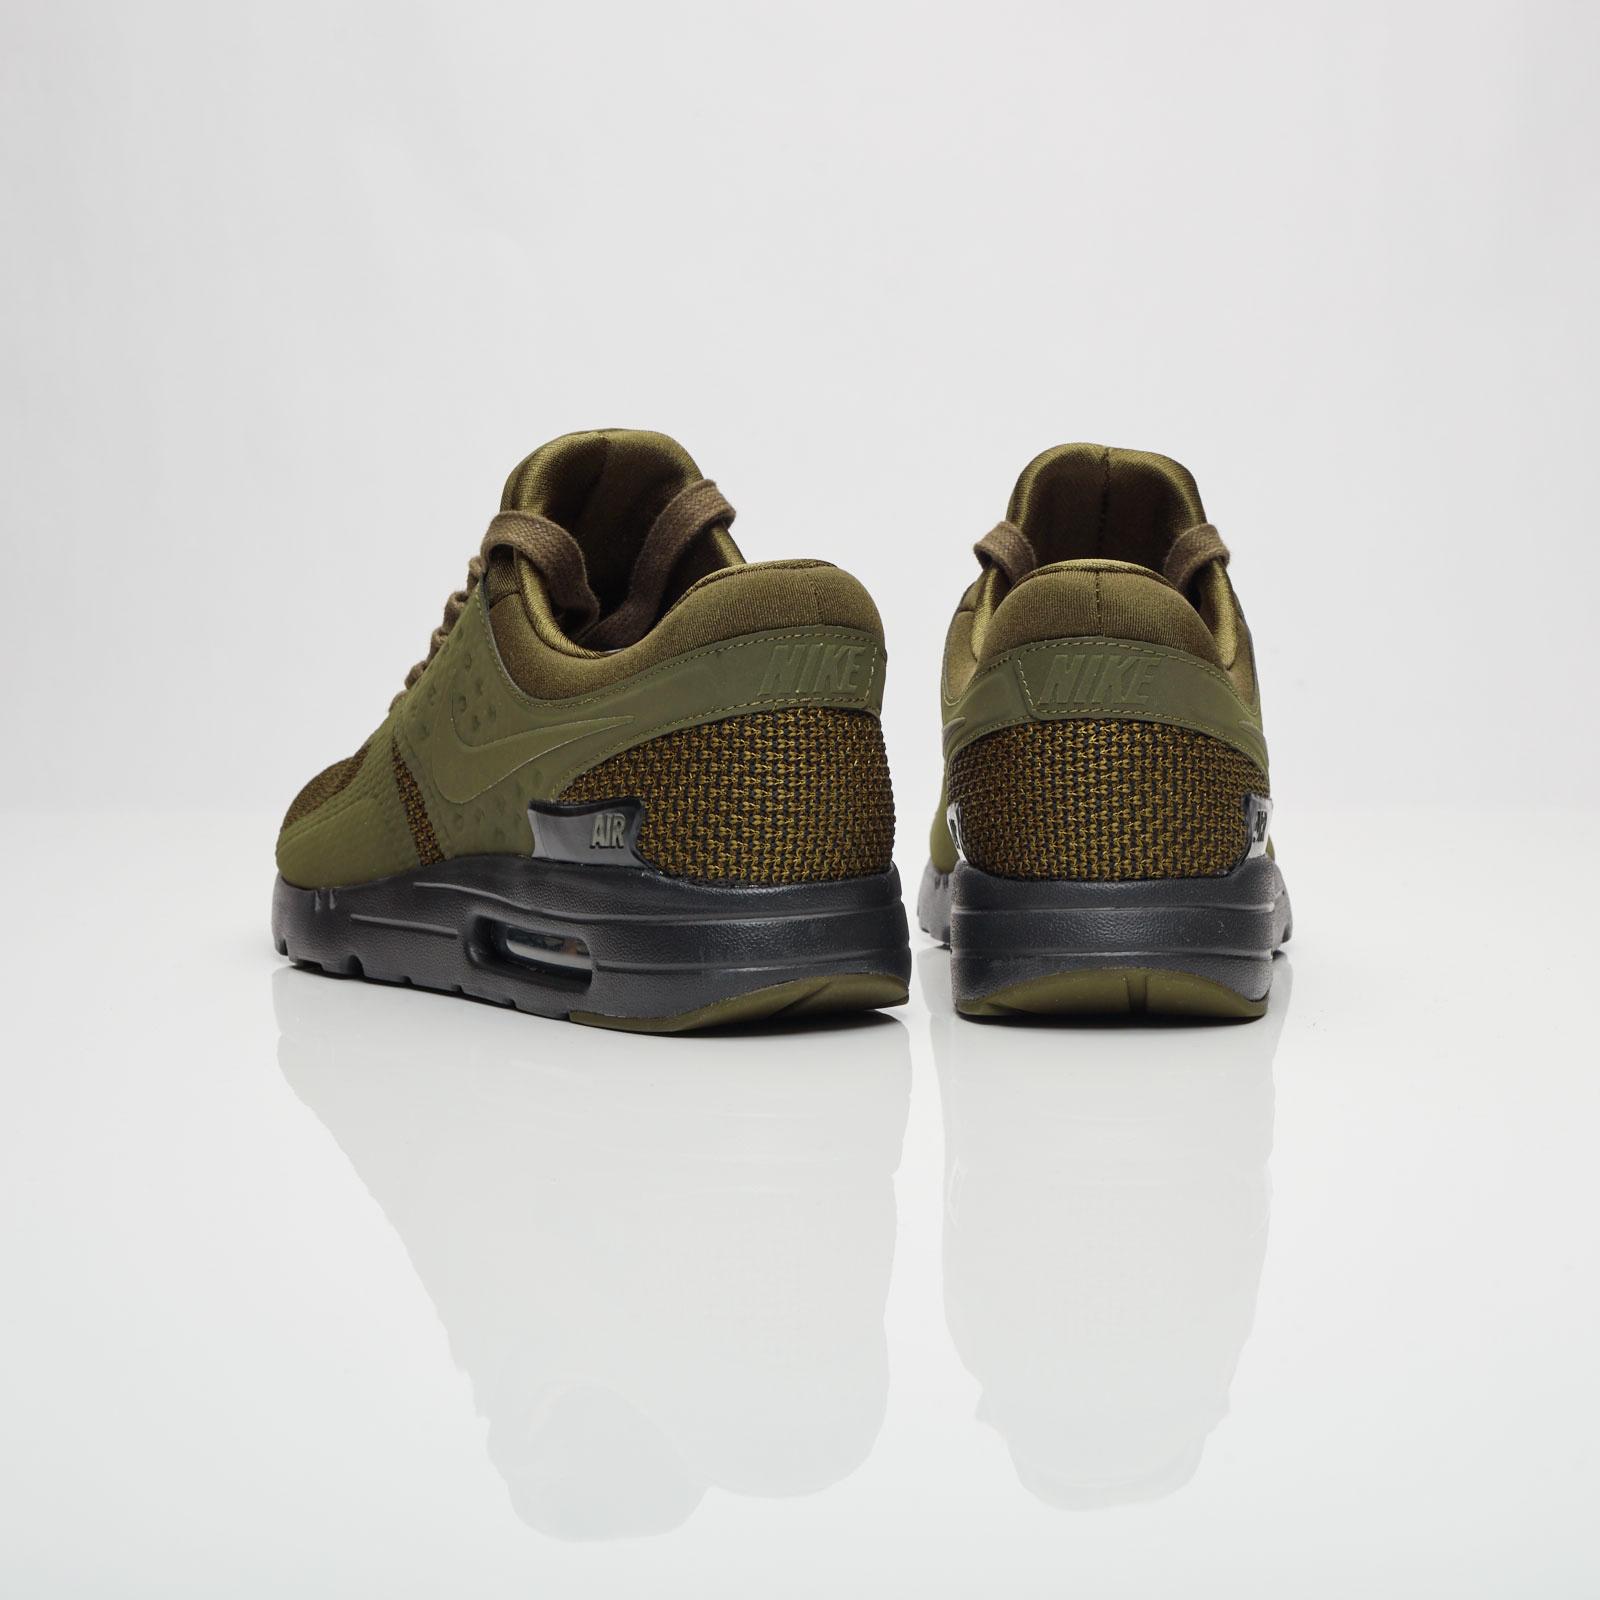 Nike Air Max Zero Premium Men's Athletic Sneakers 881982 300